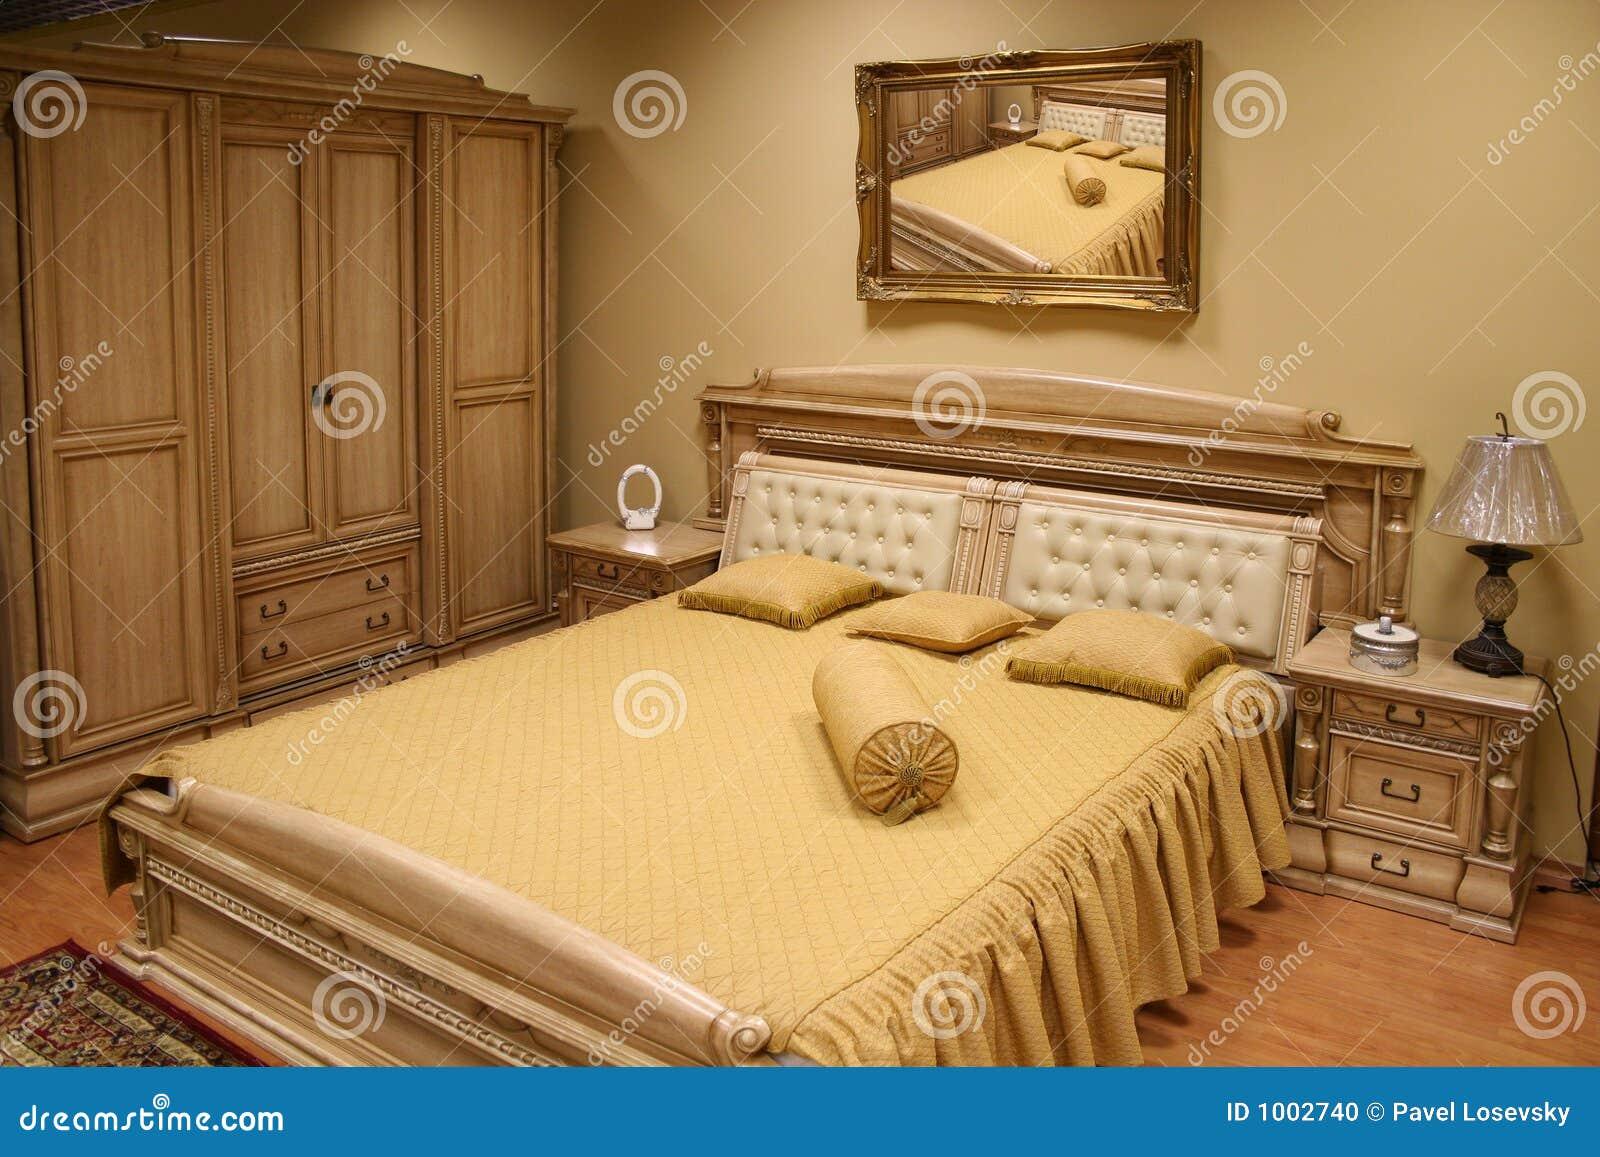 Chambre à Coucher Luxueuse 2 Photo stock - Image du grand, décor ...